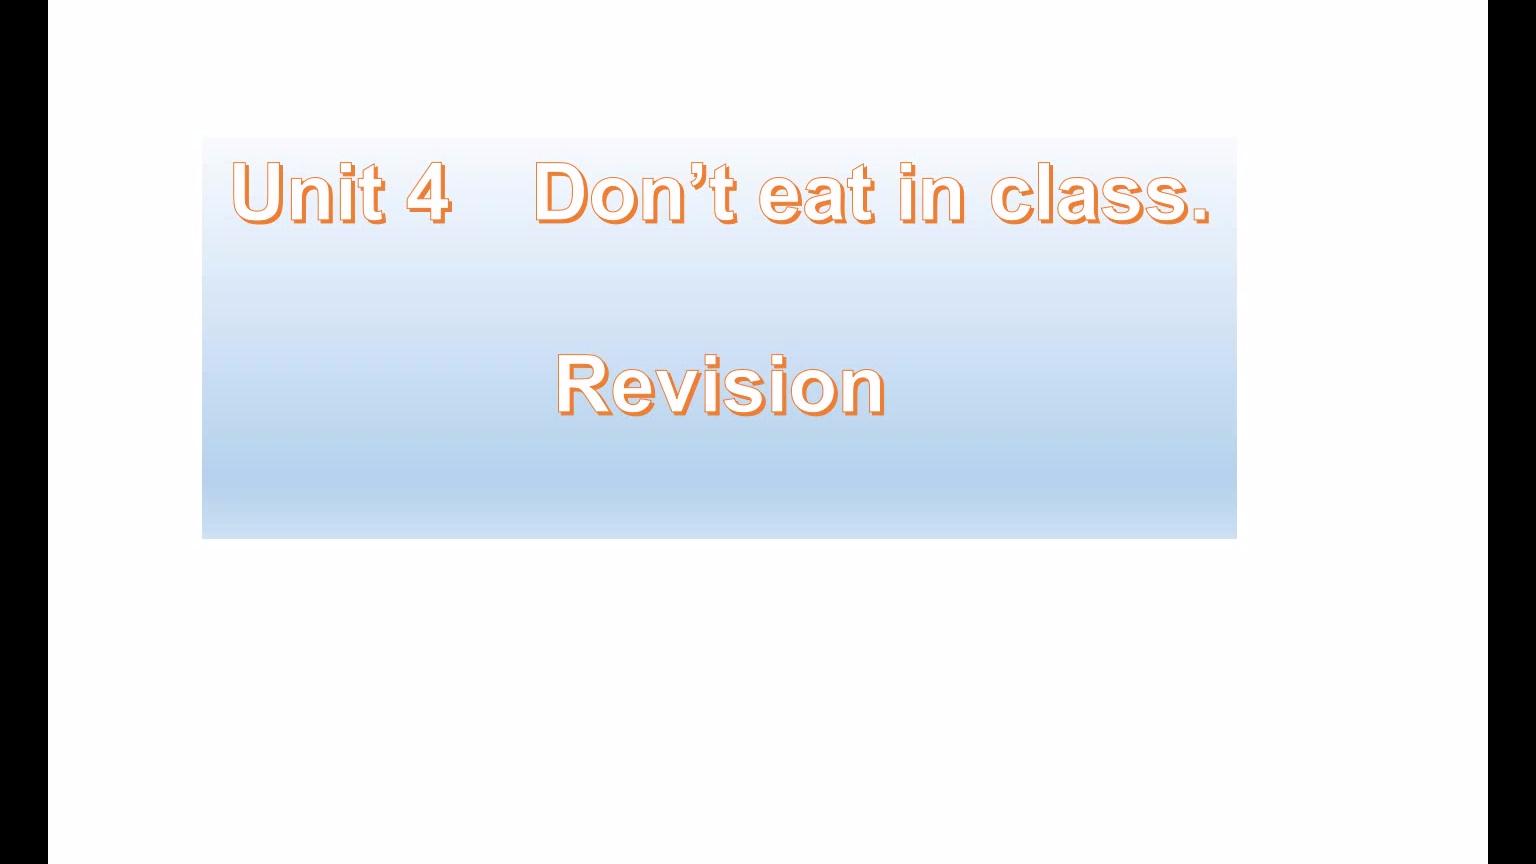 Unit4 Revision